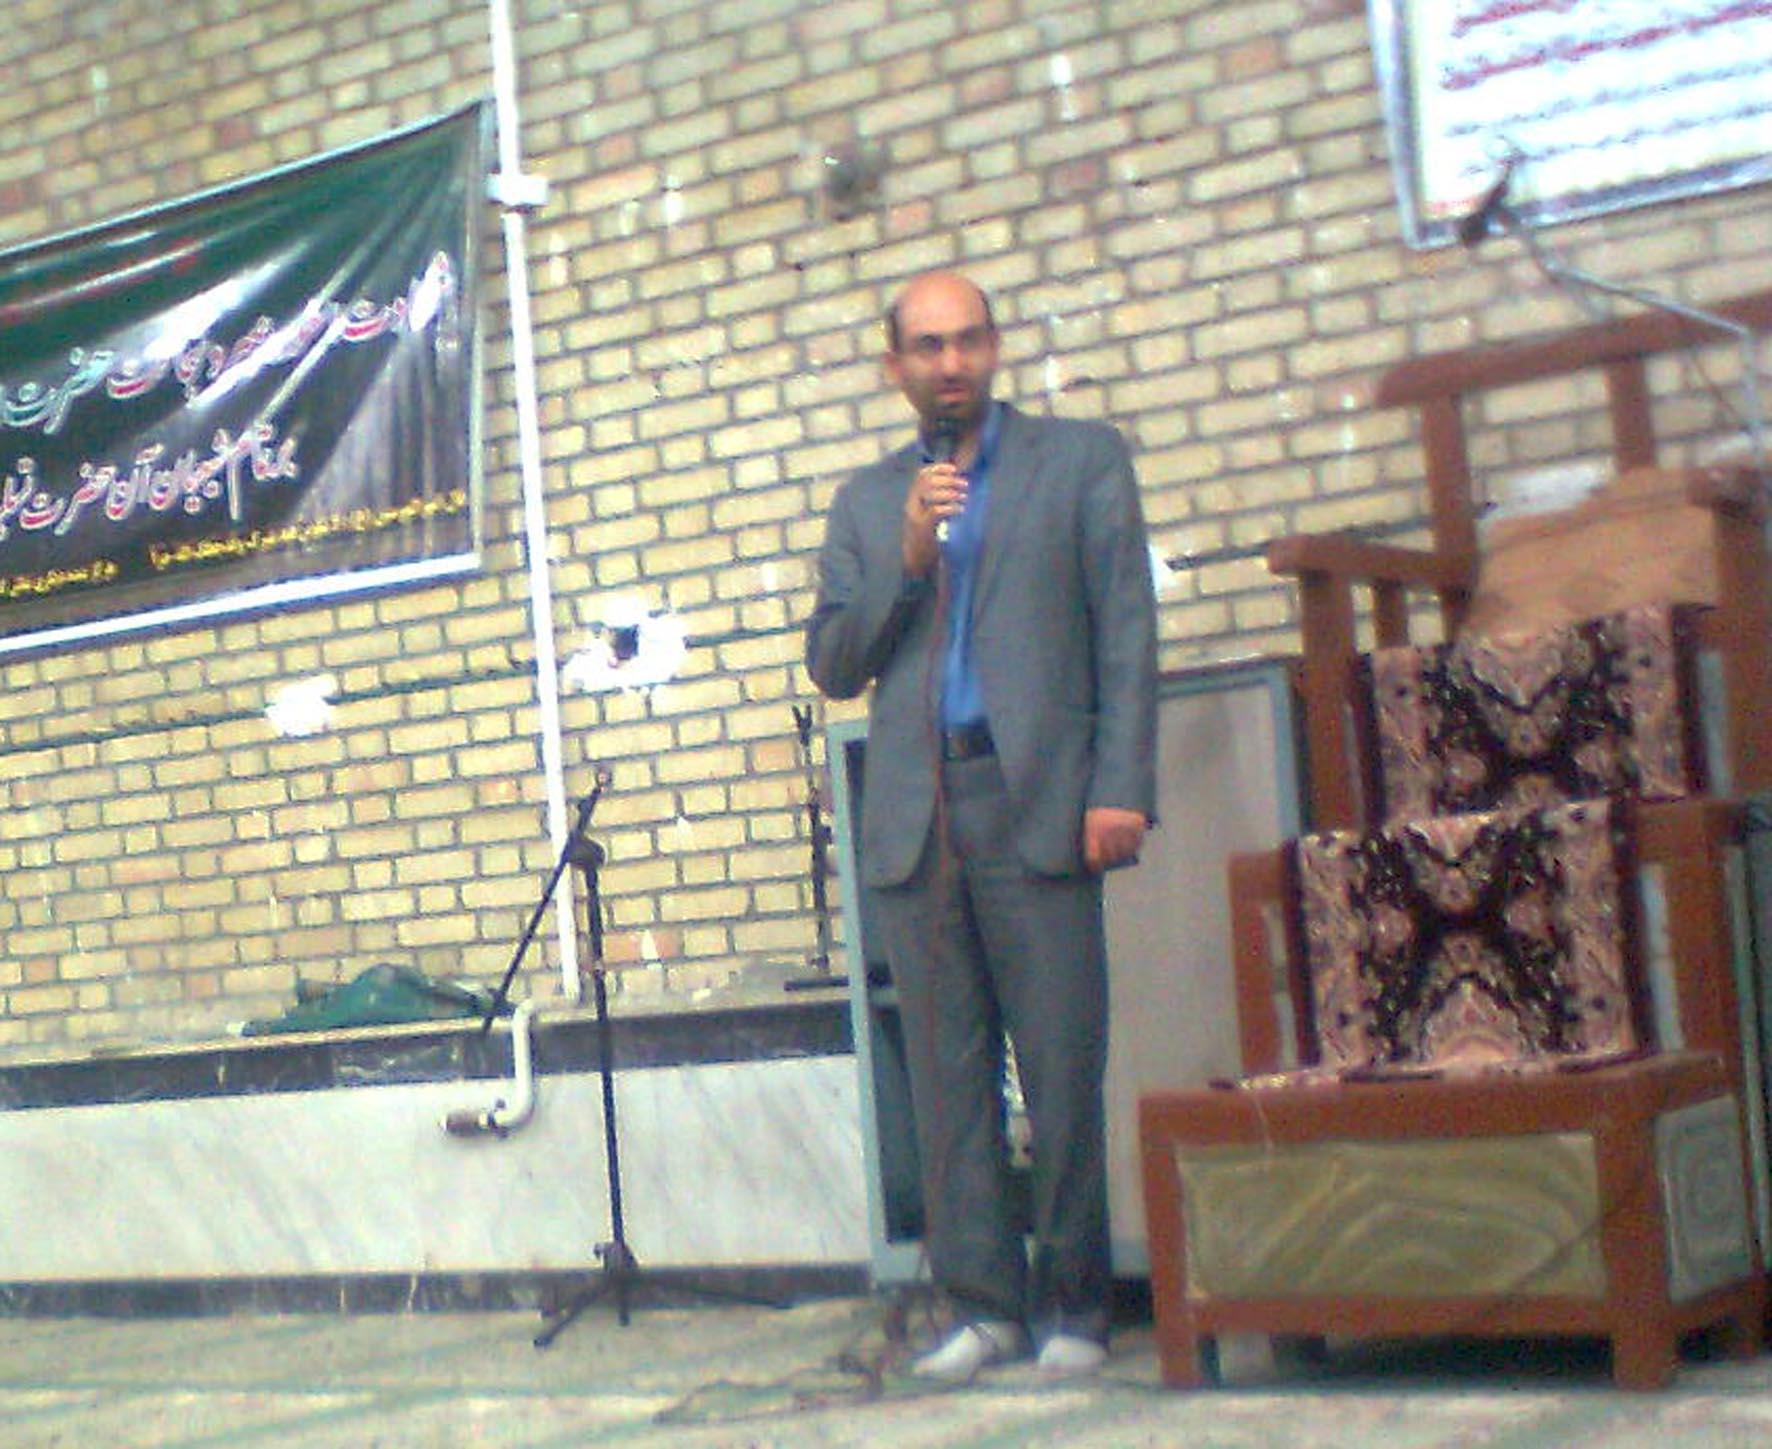 ابوترابی خبر داد:مفتح از توضیحات وزیر دادگستری قانع شد